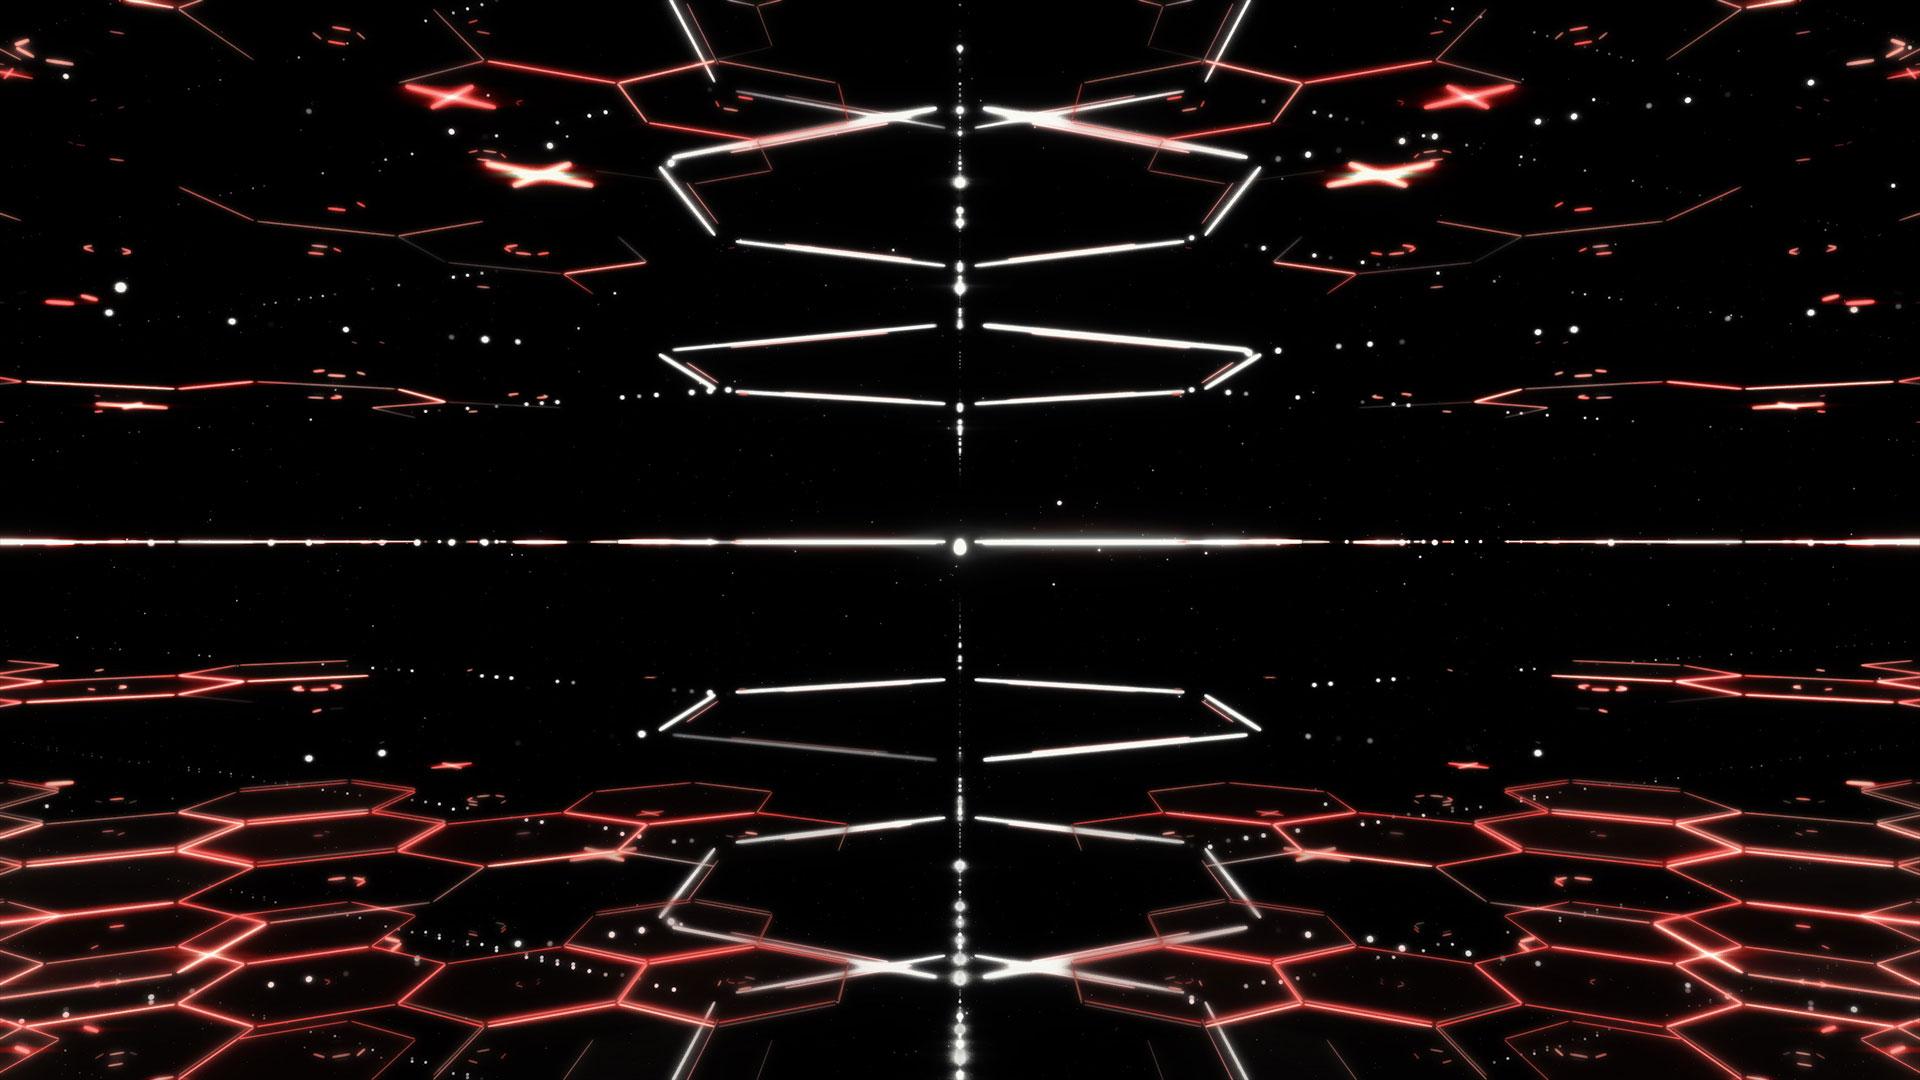 KZ_Cyberspace_02_Still001